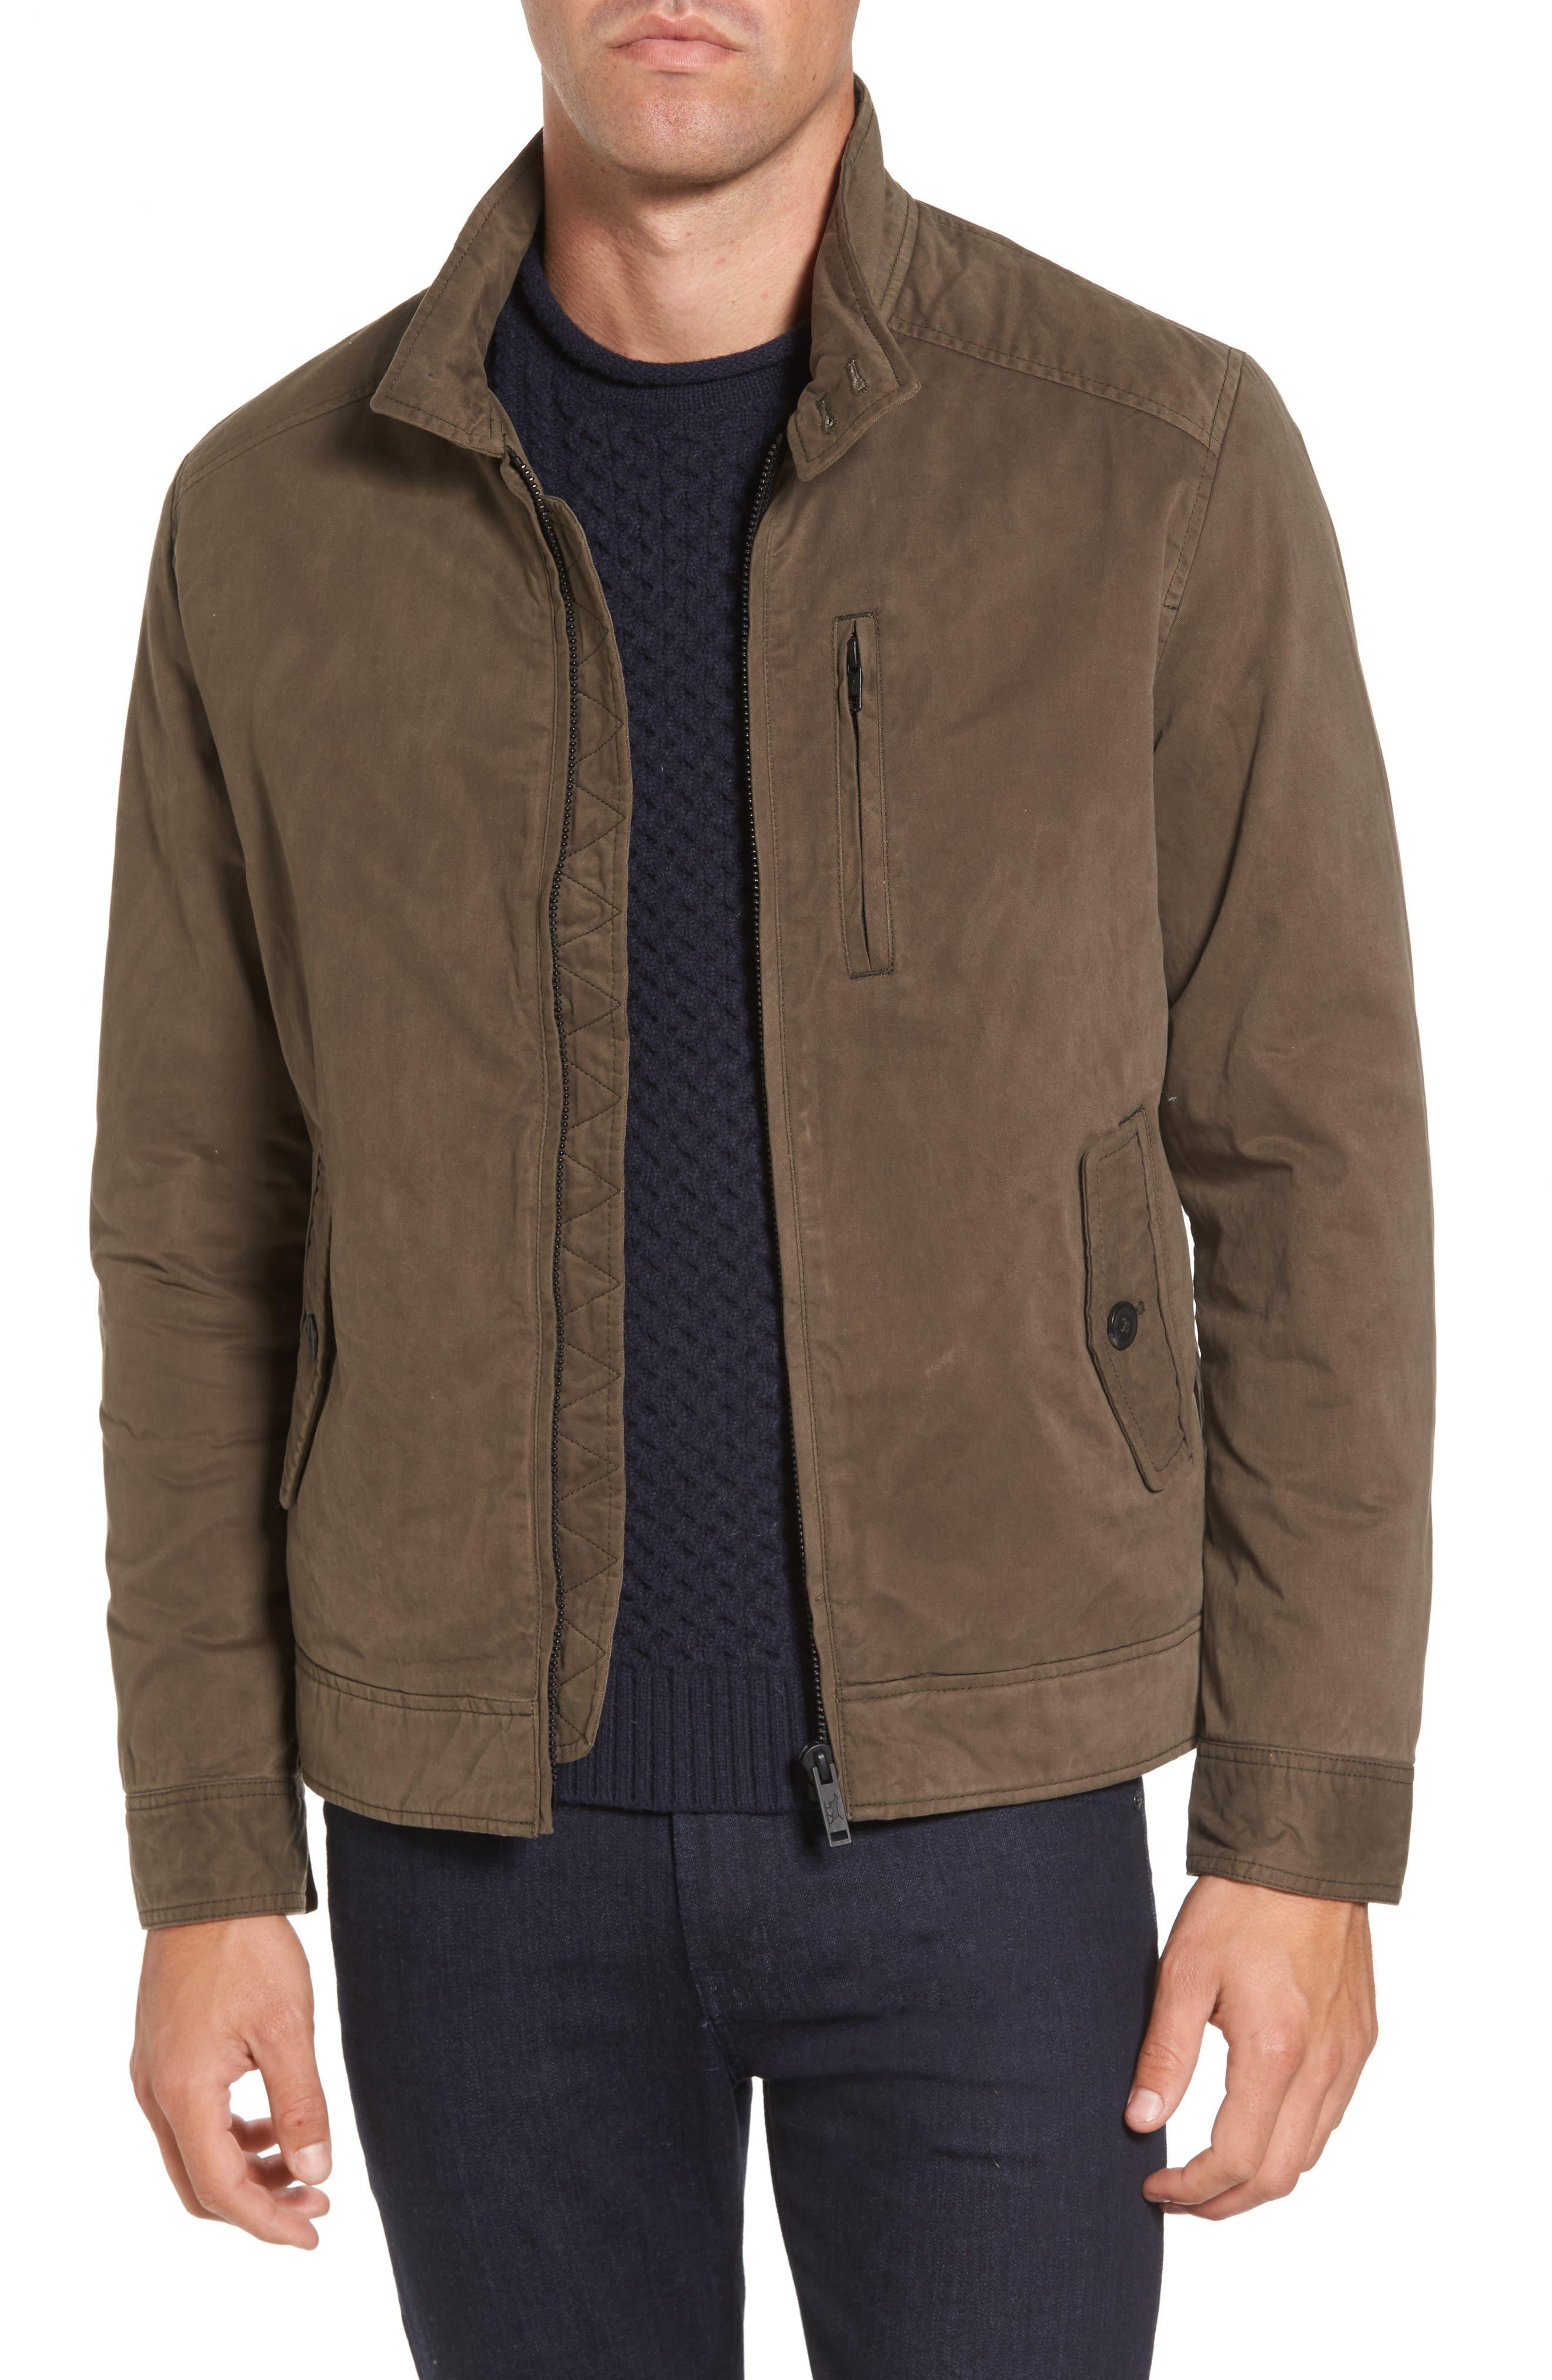 Rodd & Gunn Tasman Waxed Jacket